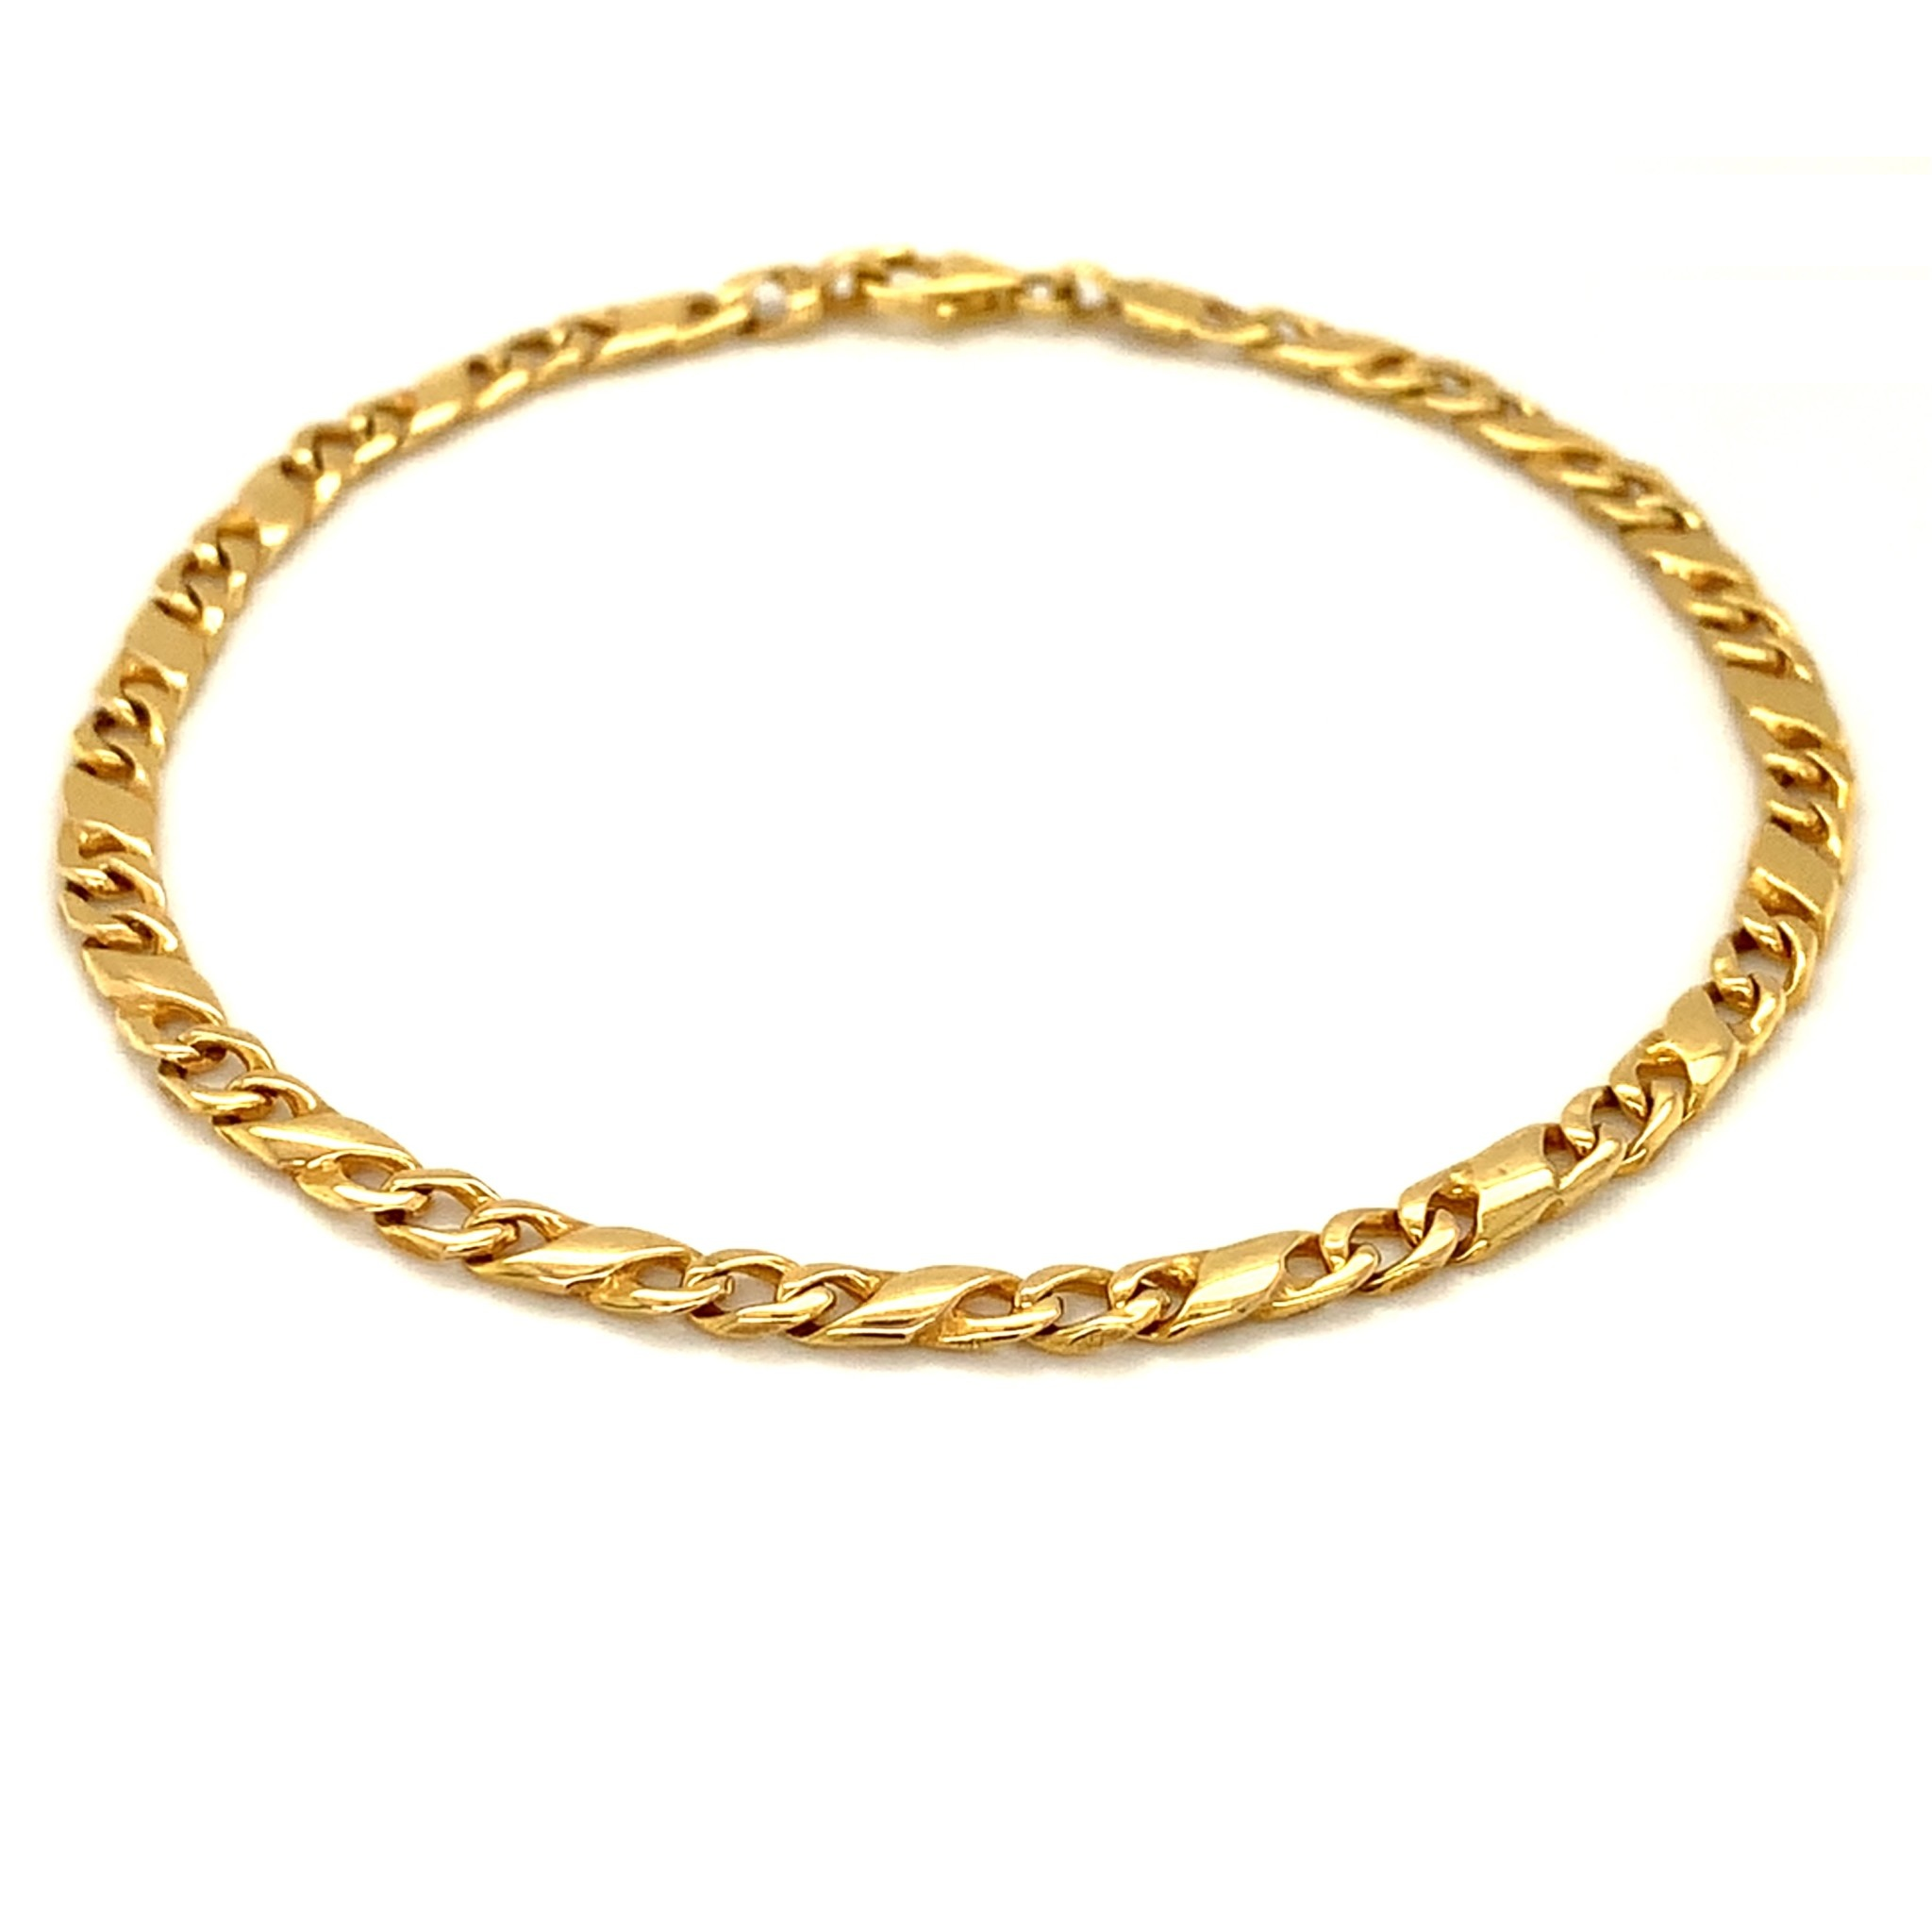 ROEMER ROEMER geelgouden fantasie armband 21/3.5